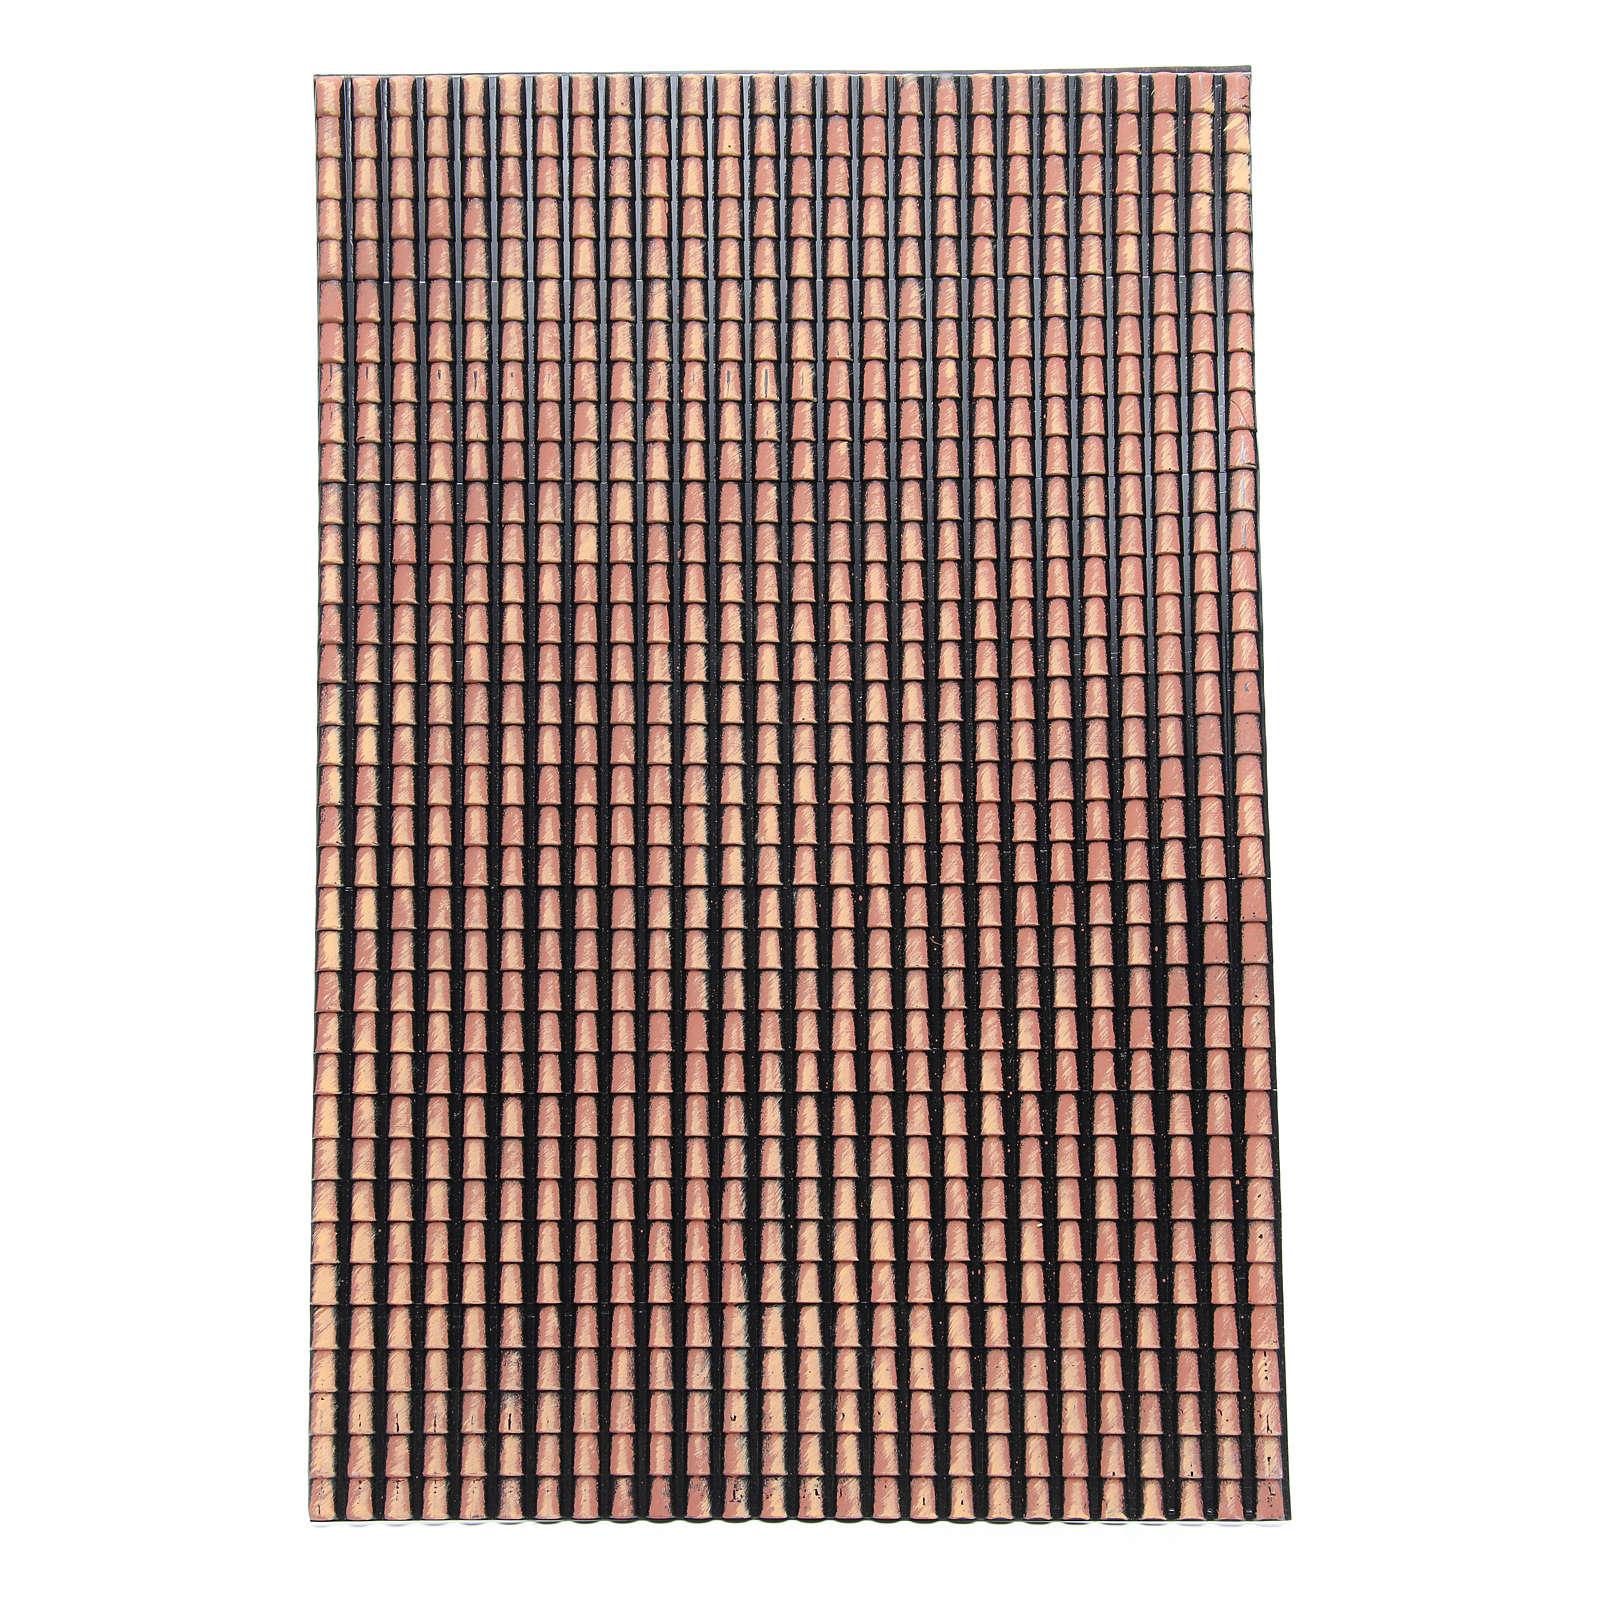 Techo belén panel tejas rojas degradadas 70x50 cm 4